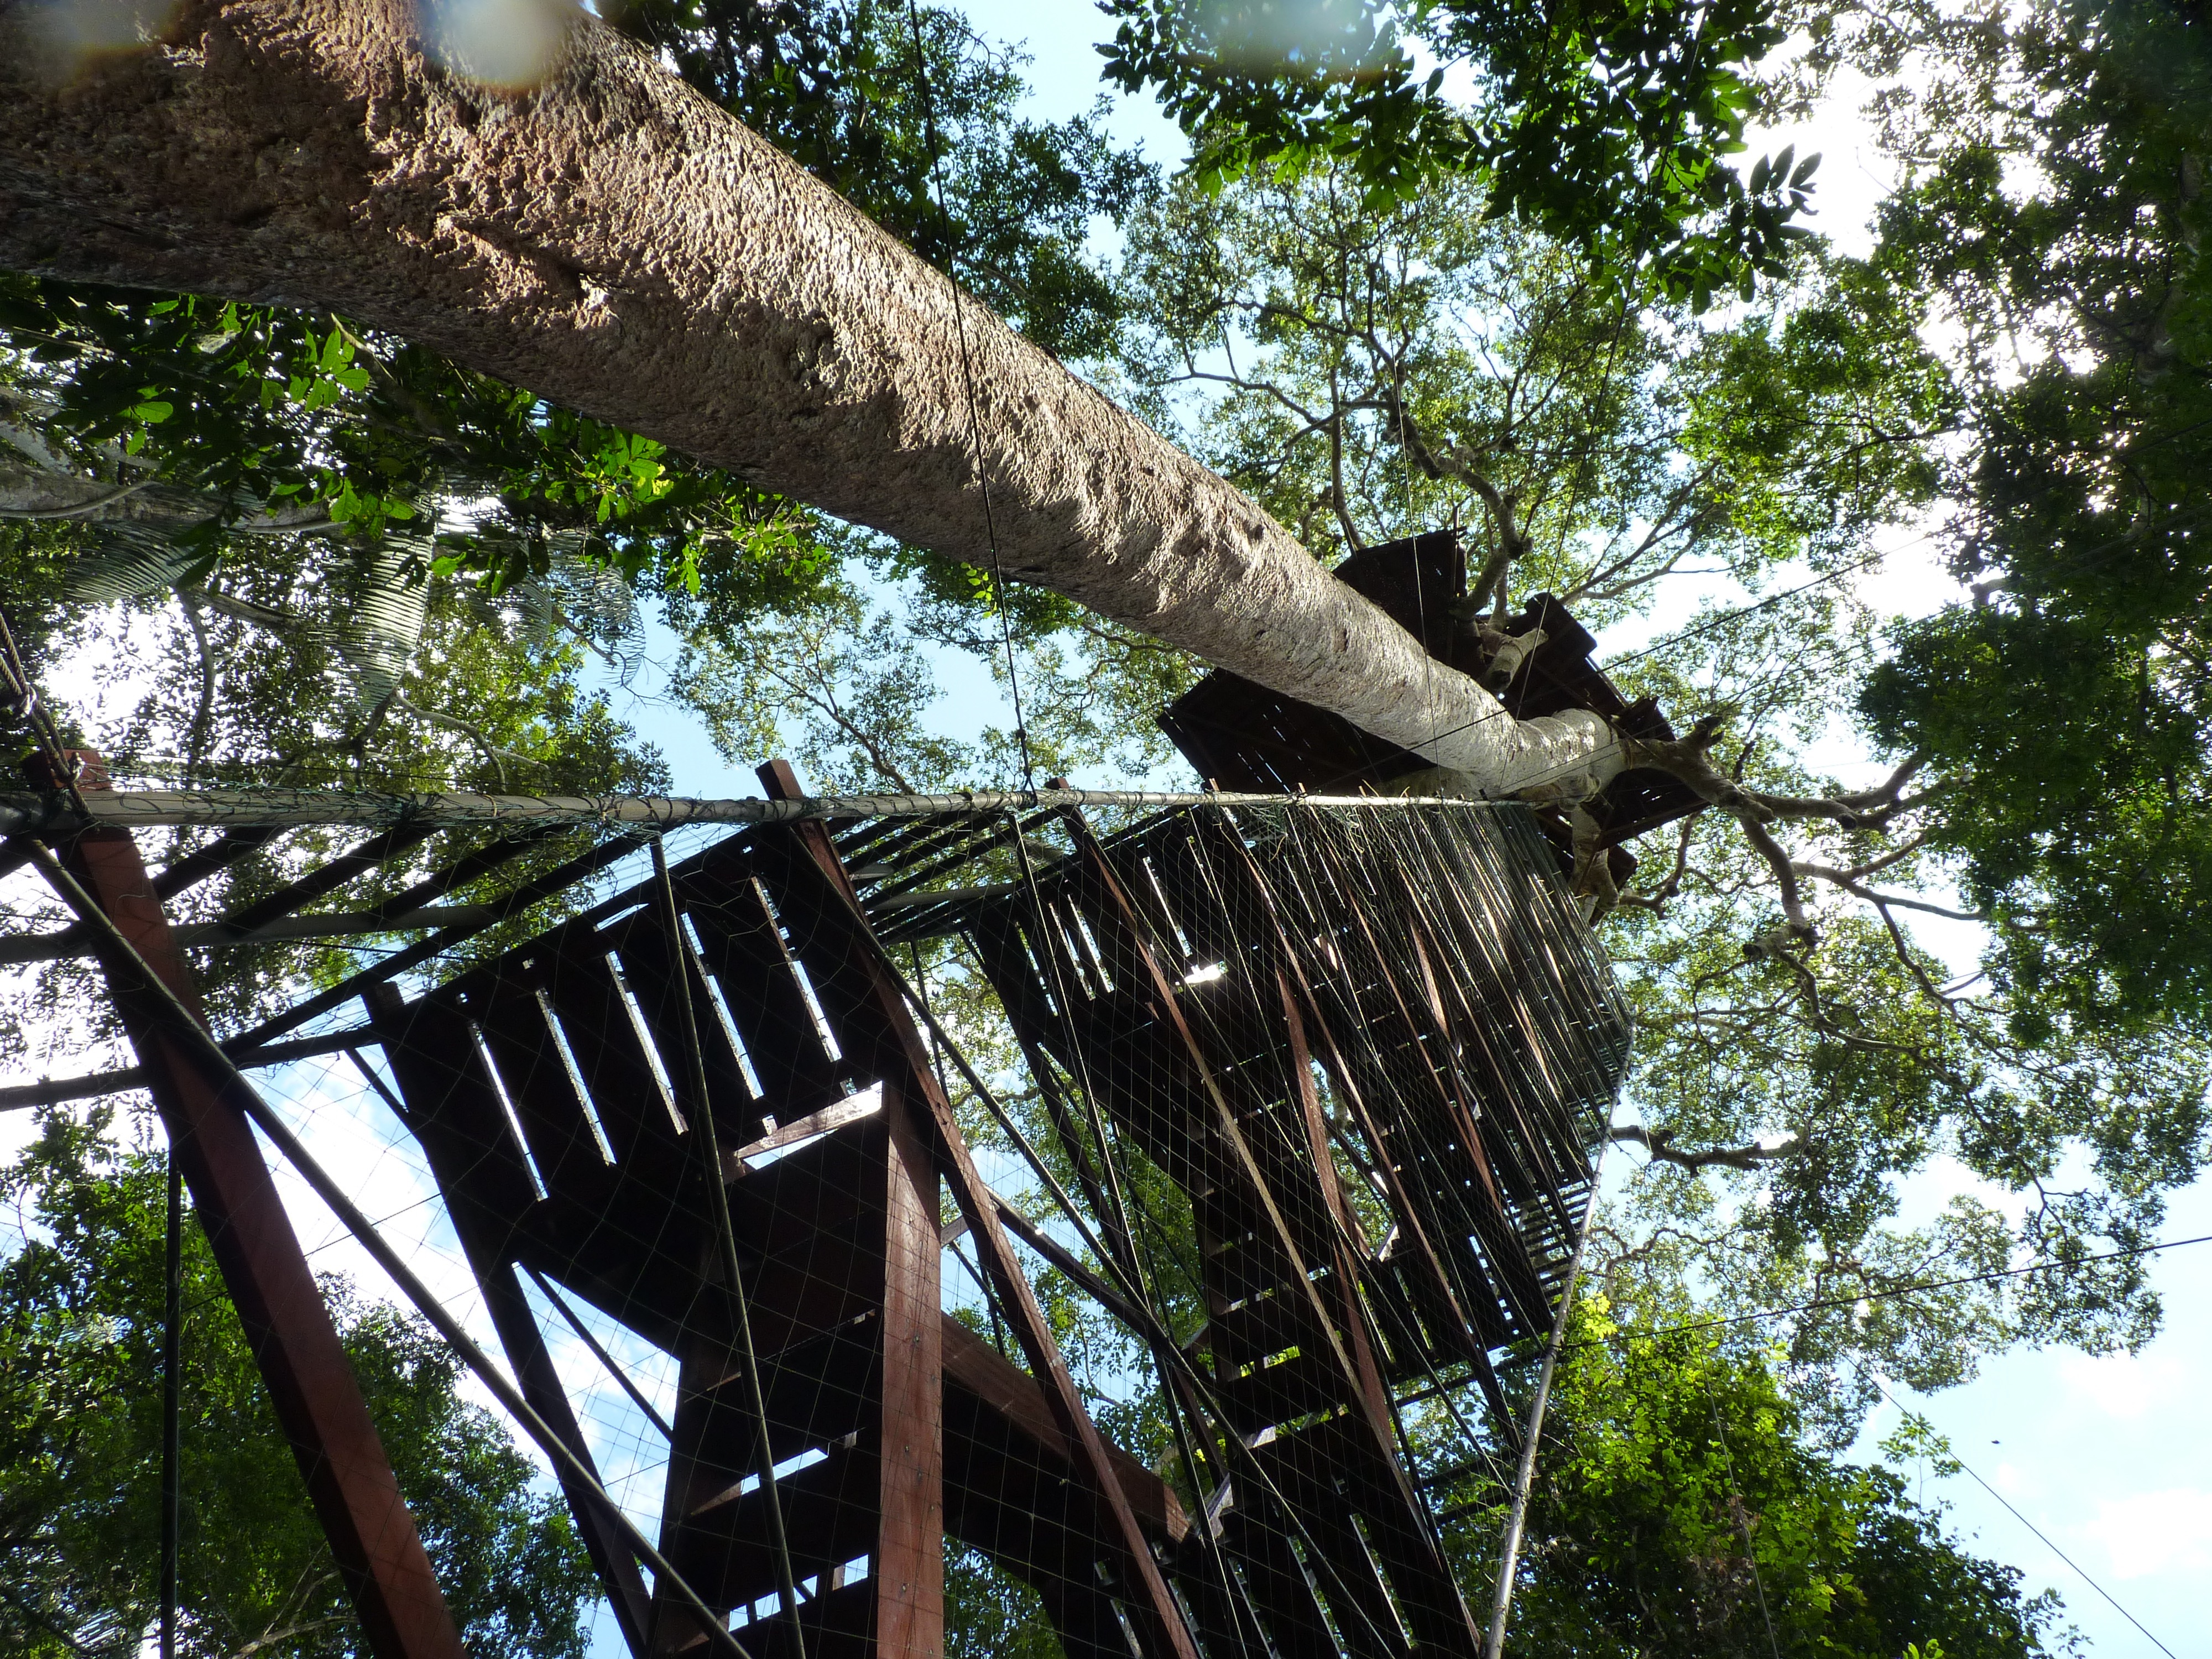 La torre de observación sobre los árboles